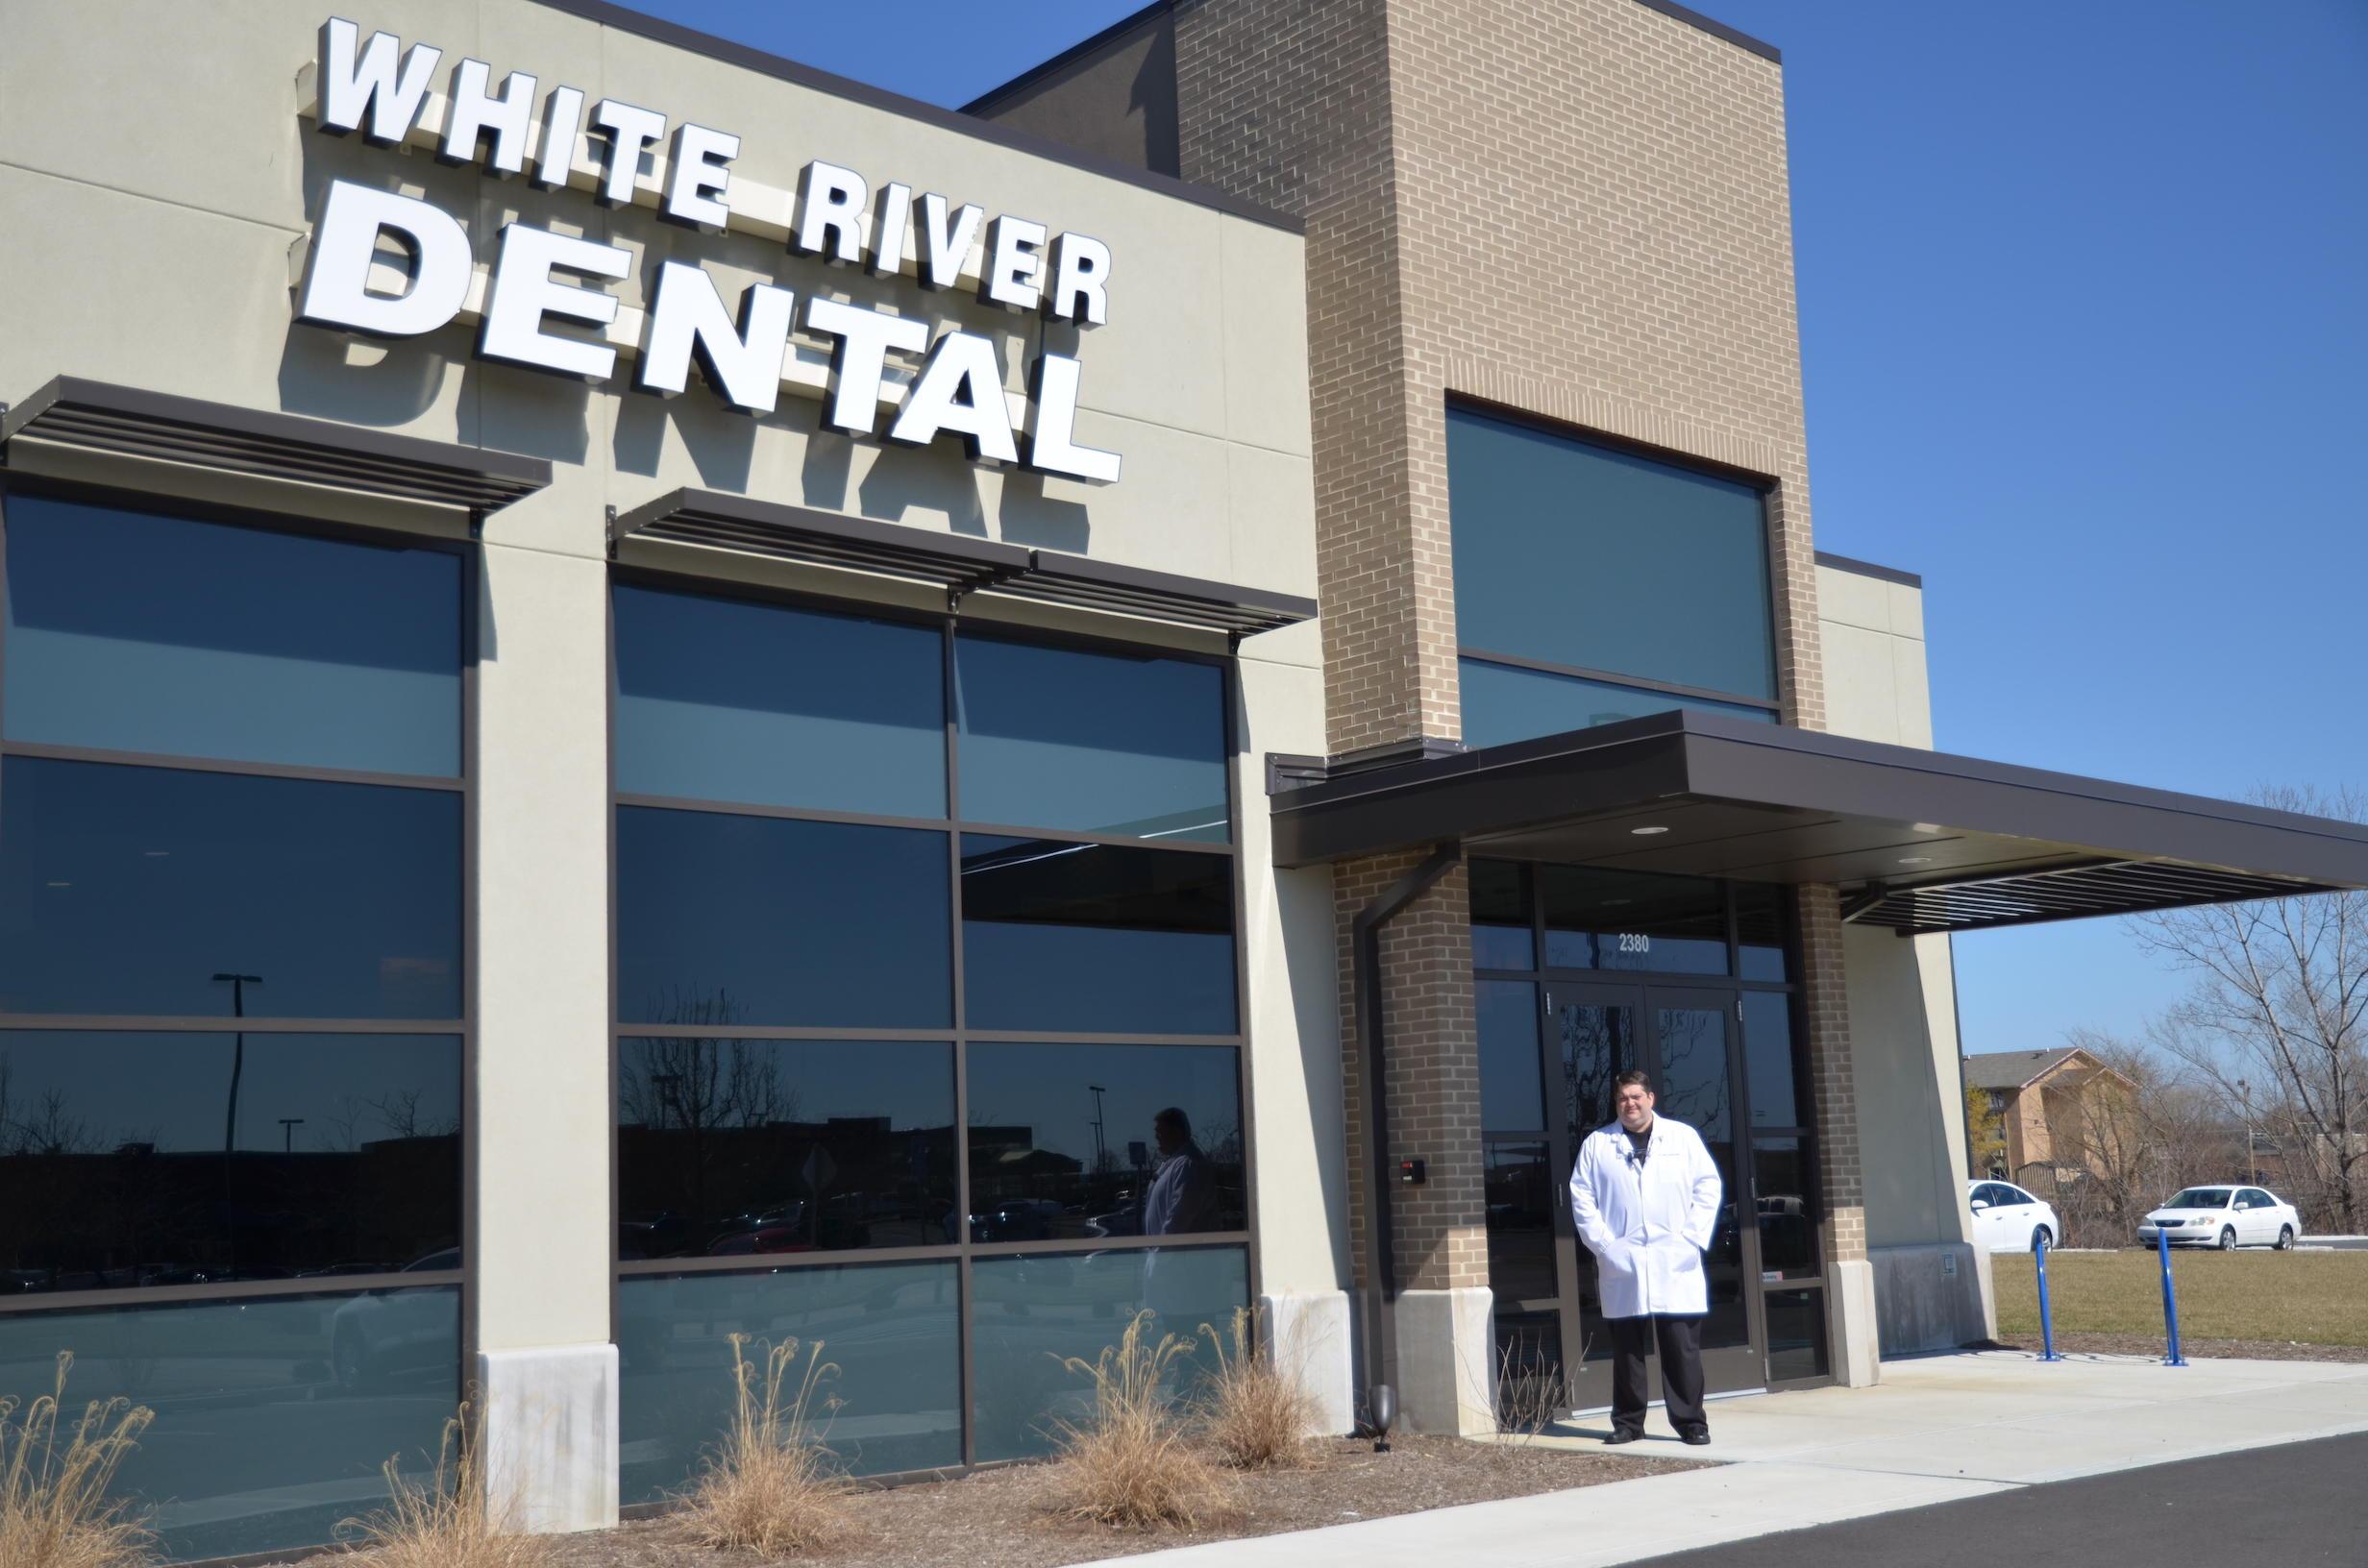 White River Dental image 12